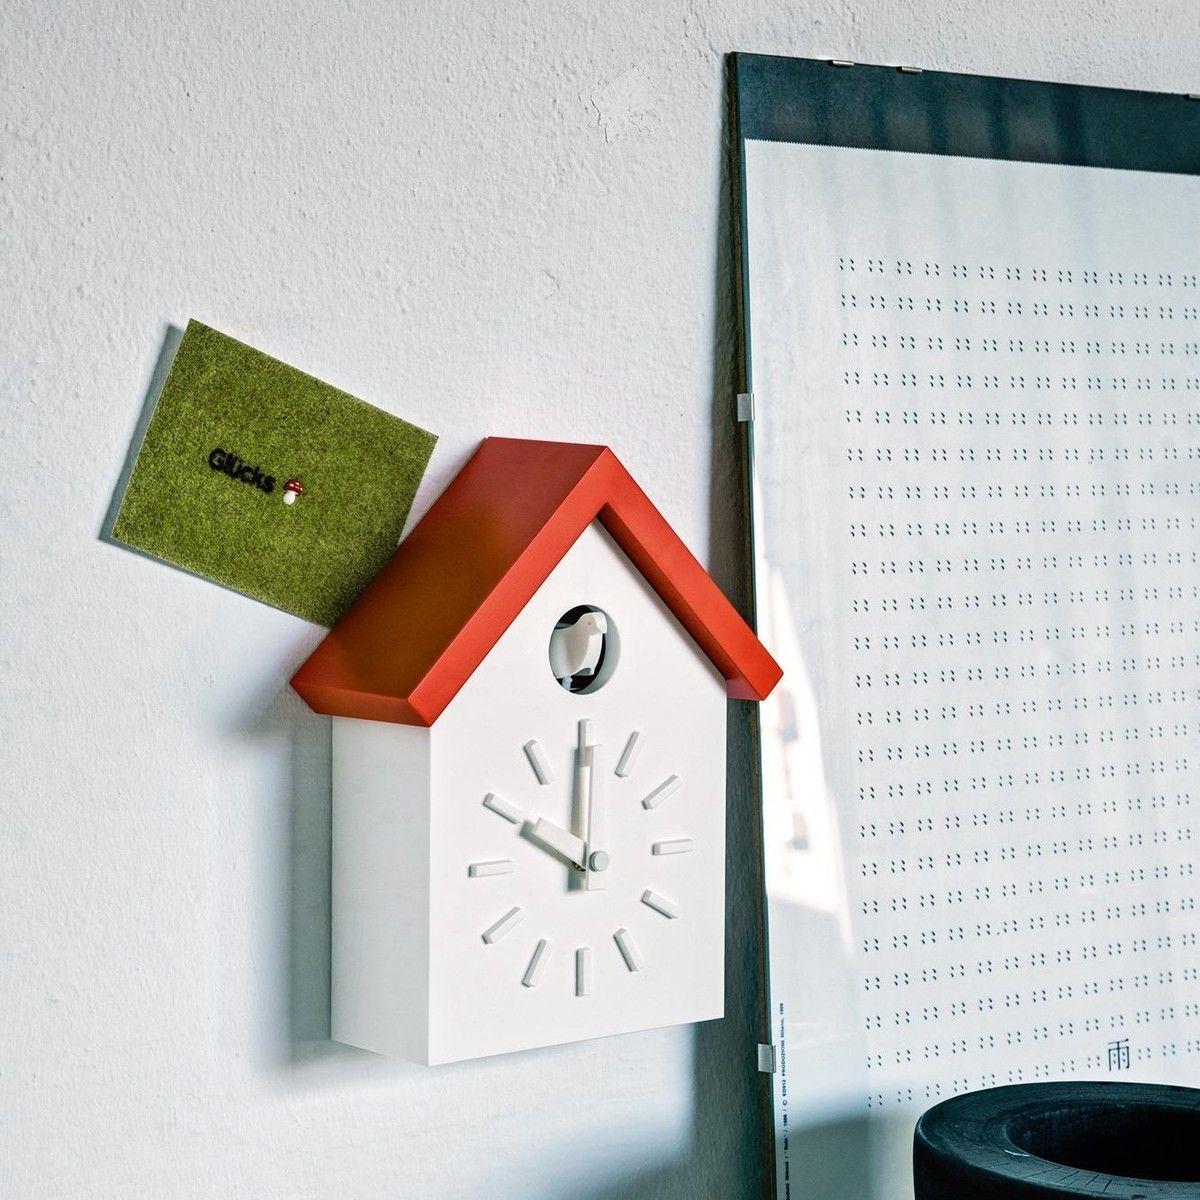 cu clock cuckoo clock magis. Black Bedroom Furniture Sets. Home Design Ideas